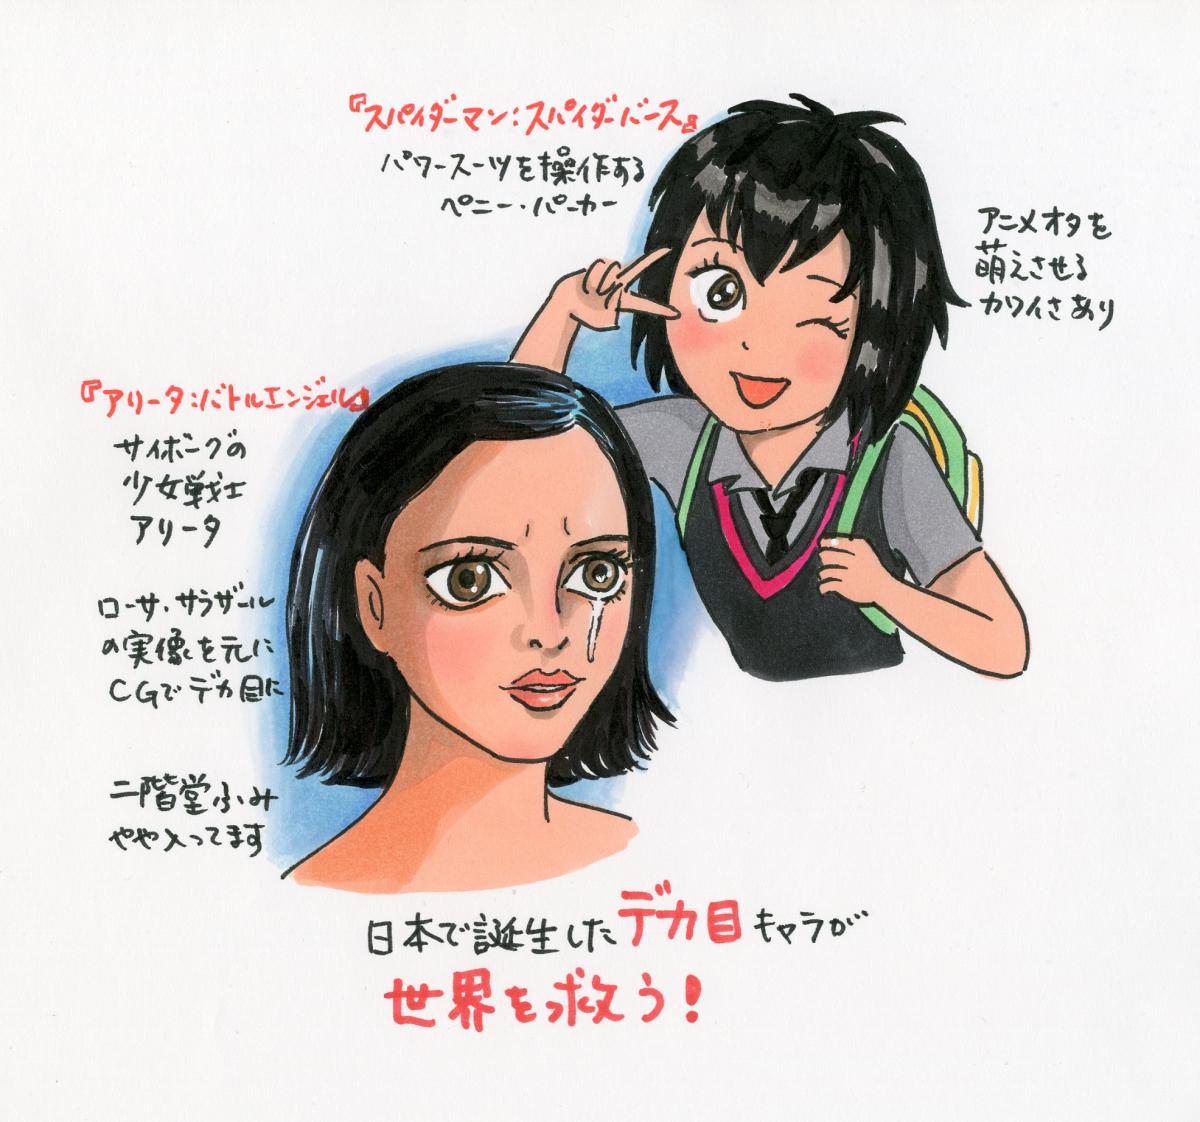 日本生まれのデカ目キャラが活躍する映画『スパイダーマン:スパイダーバース』と『アリータ:バトル・エンジェル』を続けて観て、マンガやアニメーションにおける